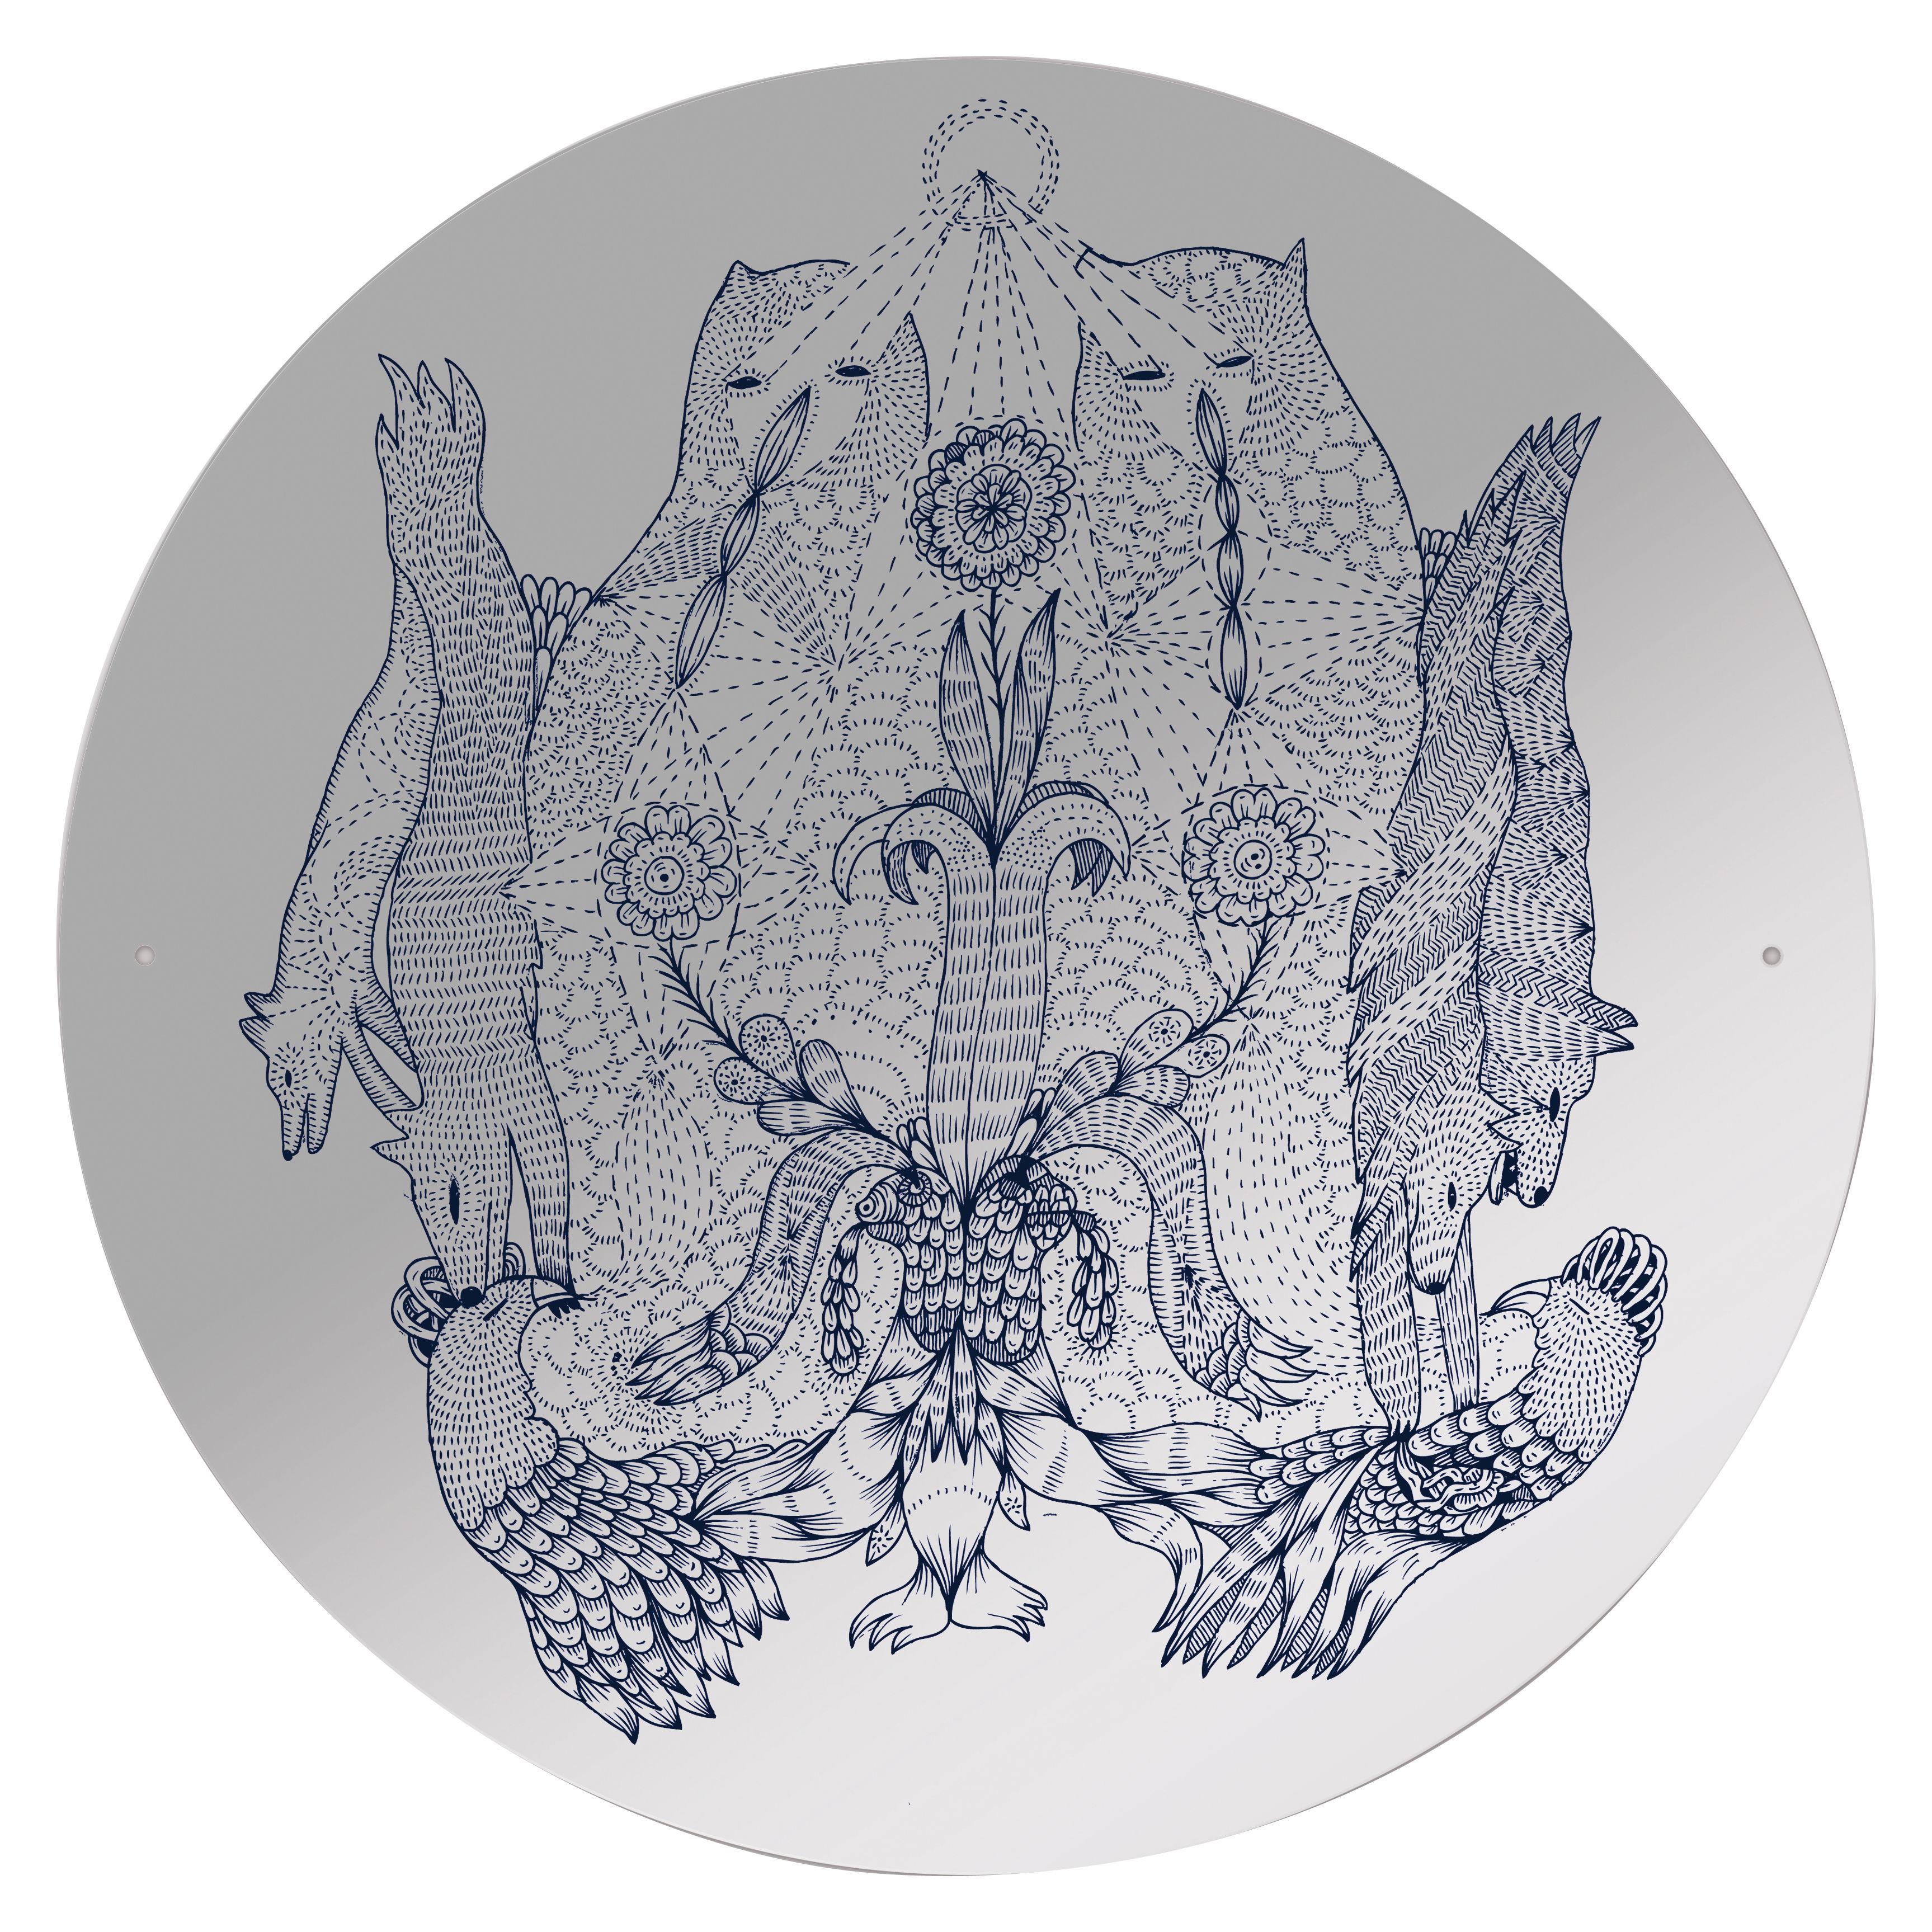 Arredamento - Specchi - Specchio autocollante Rarara - / Autoadesivo di Domestic - Motivo animali e piante - Materiale plastico